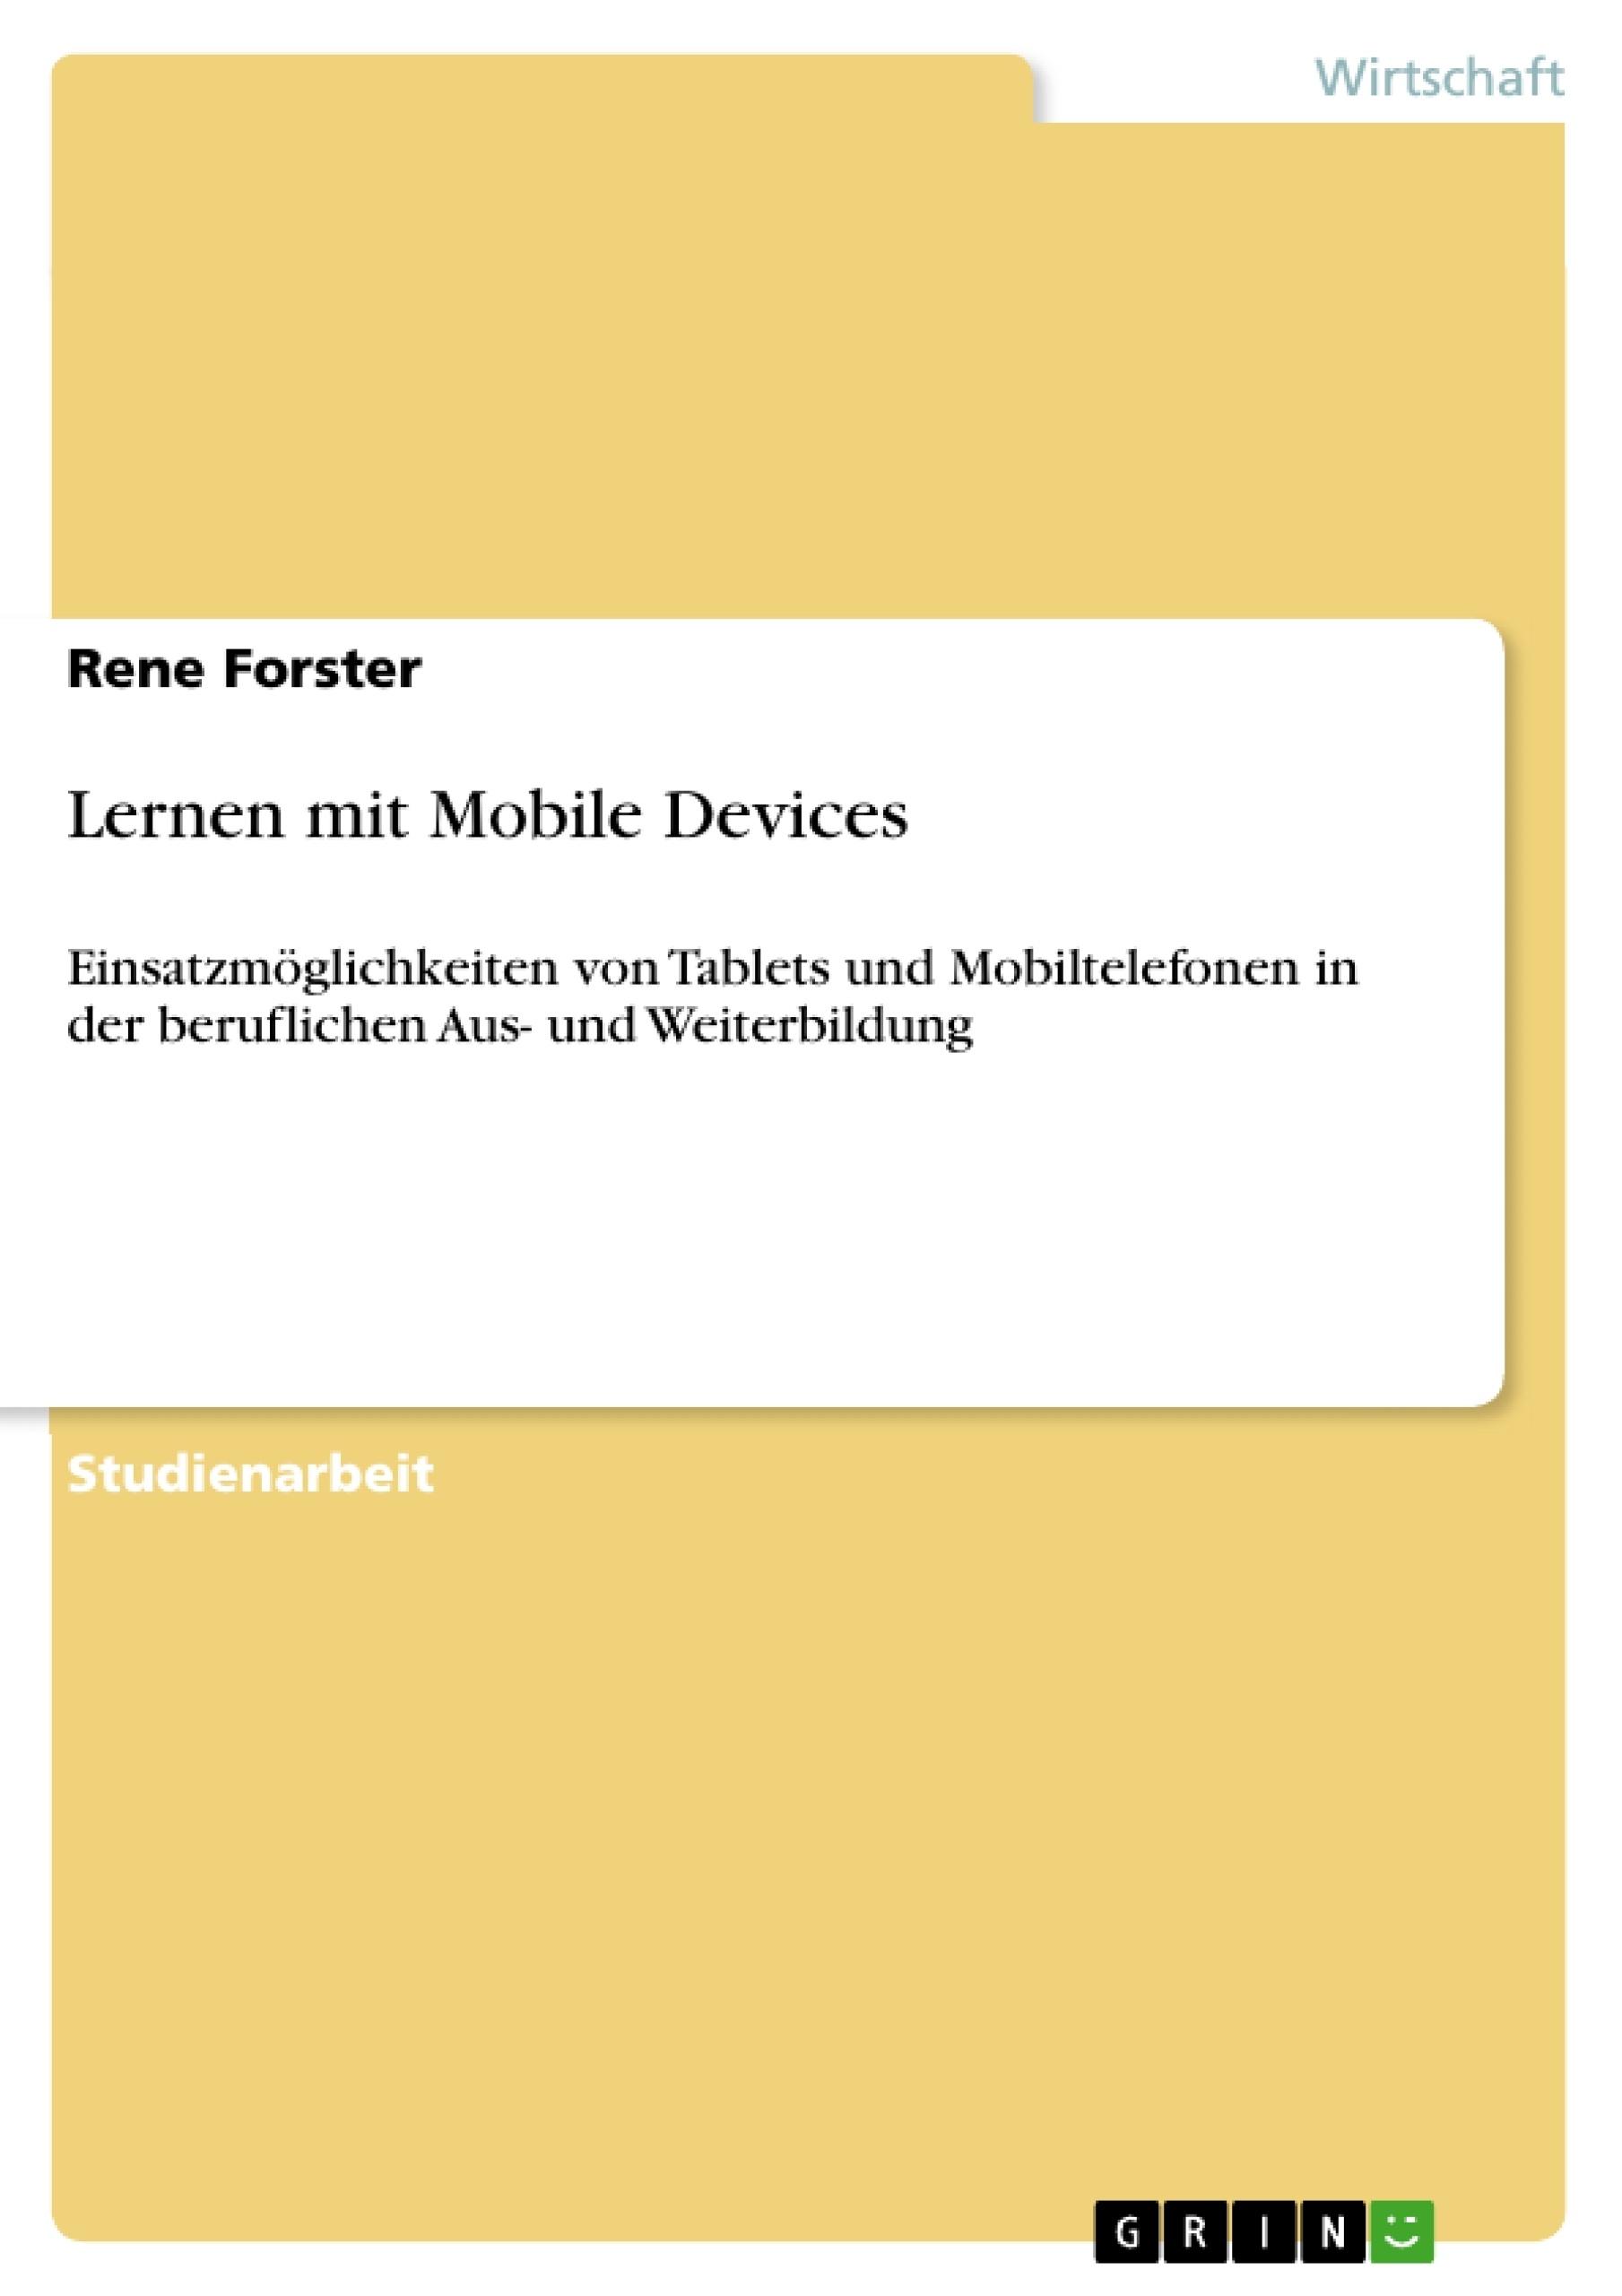 Titel: Lernen mit Mobile Devices